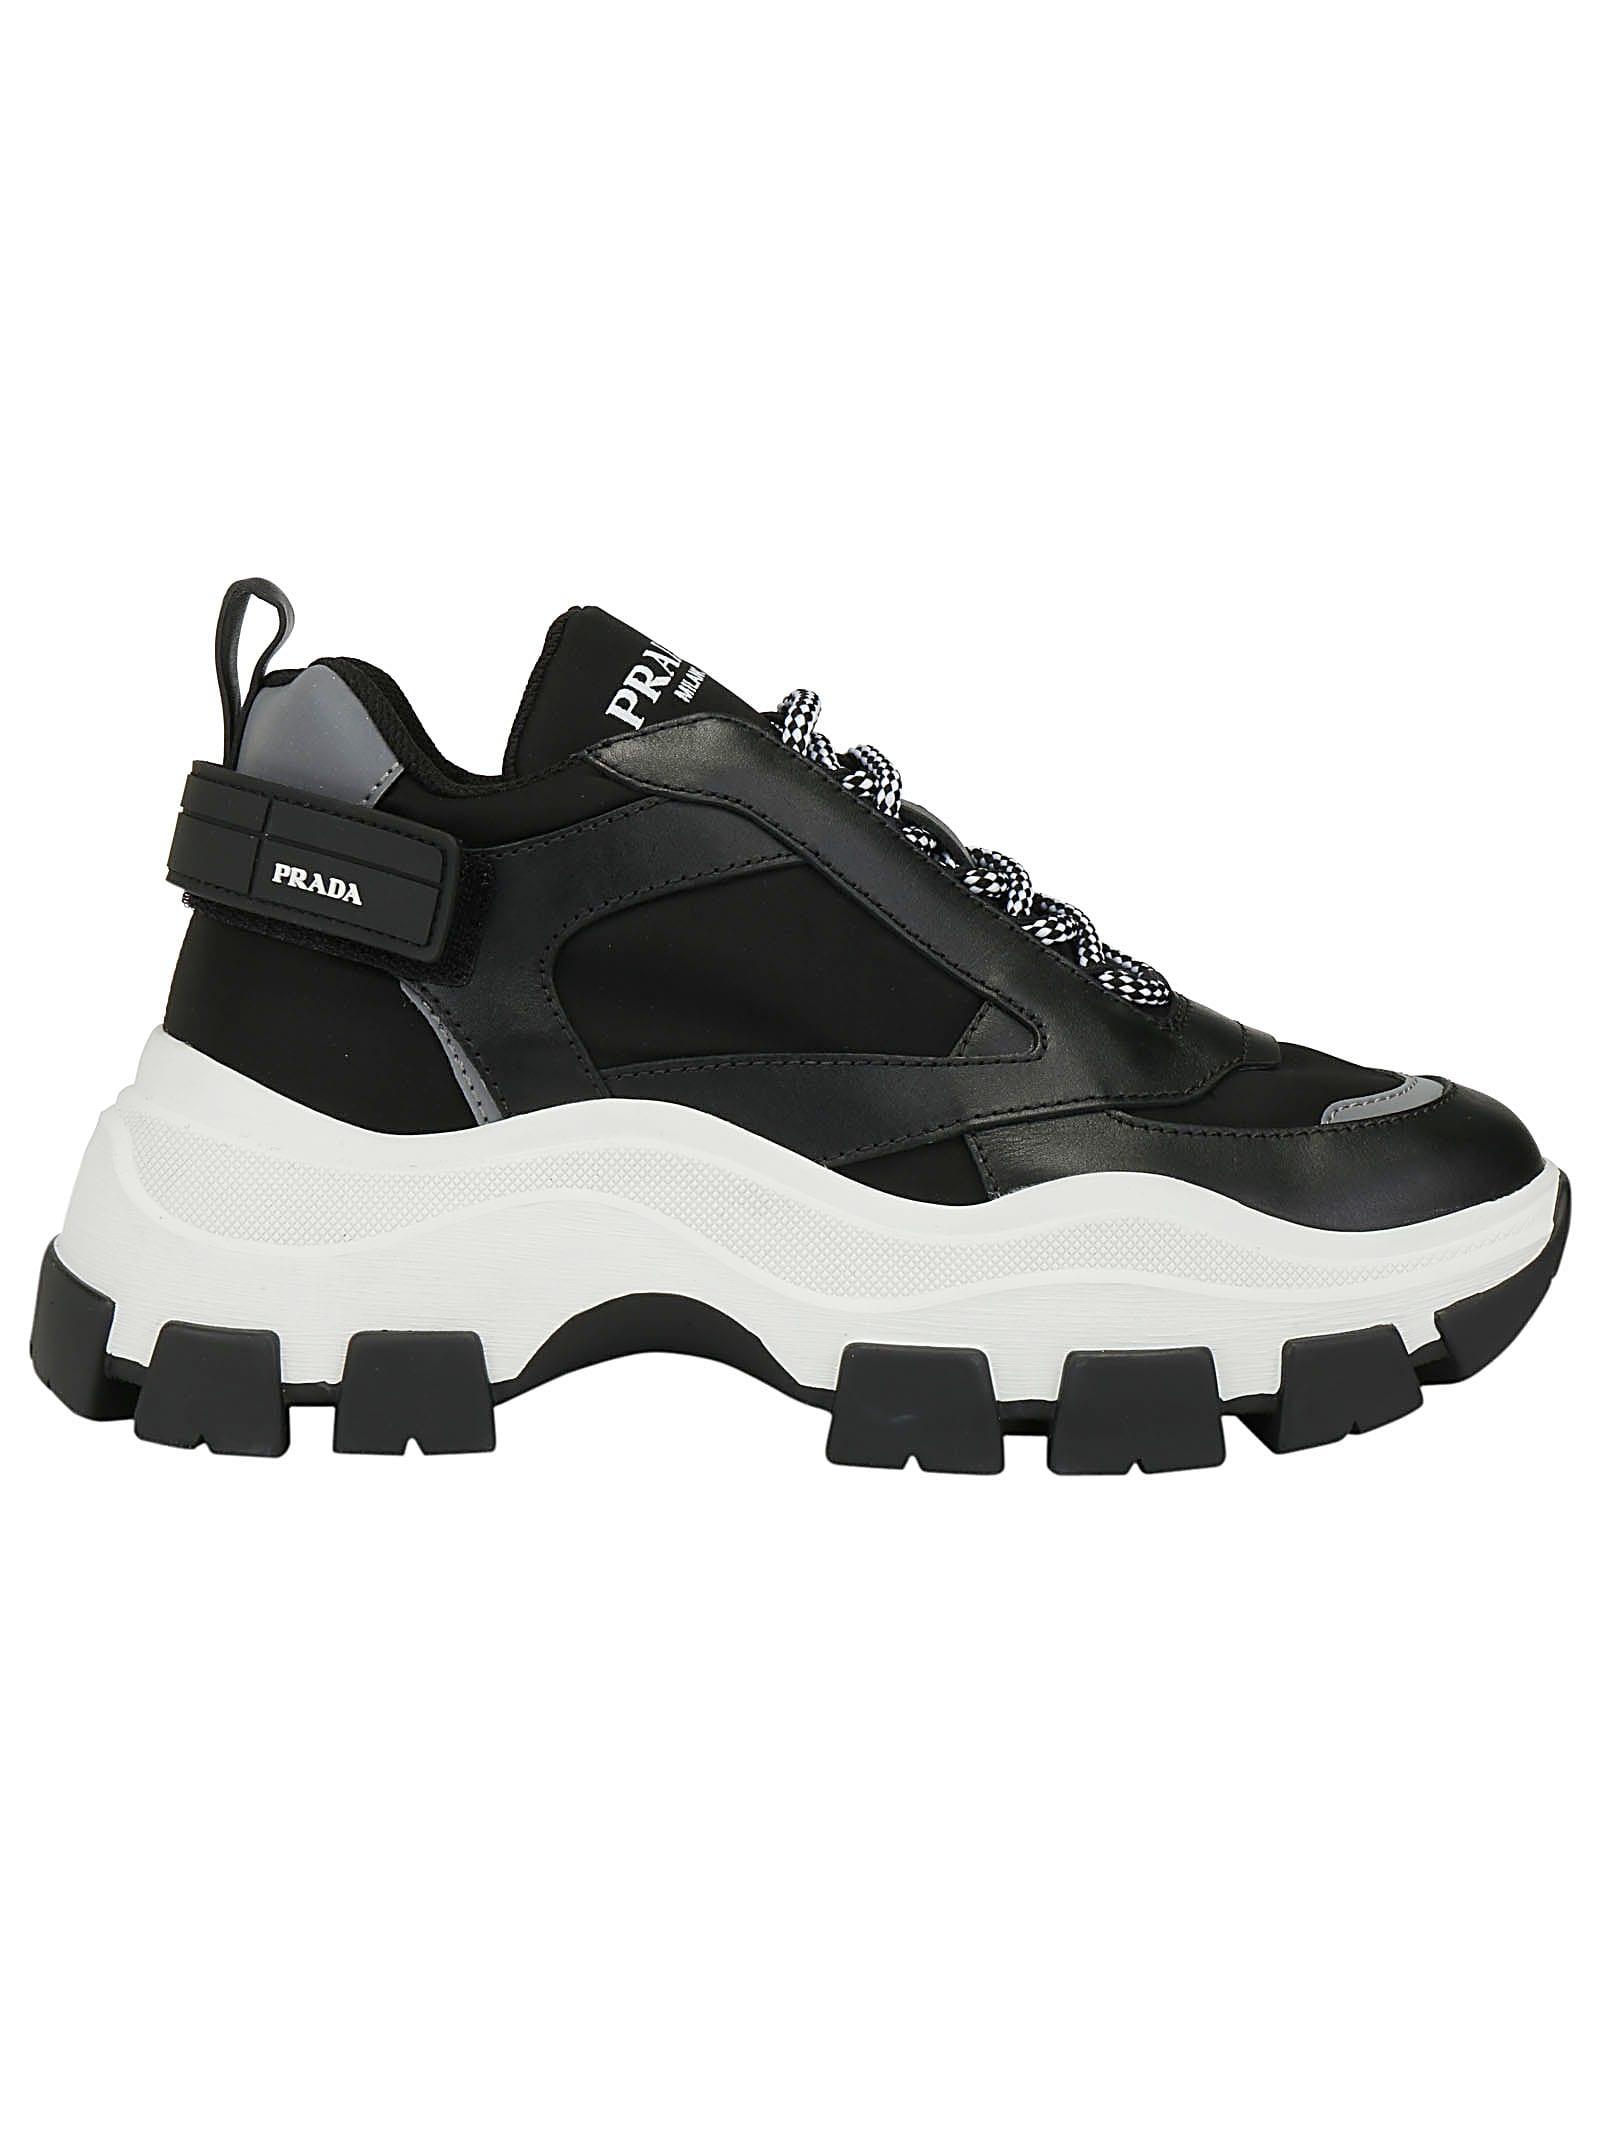 Prada Prada Pegasus Sneakers - Nero